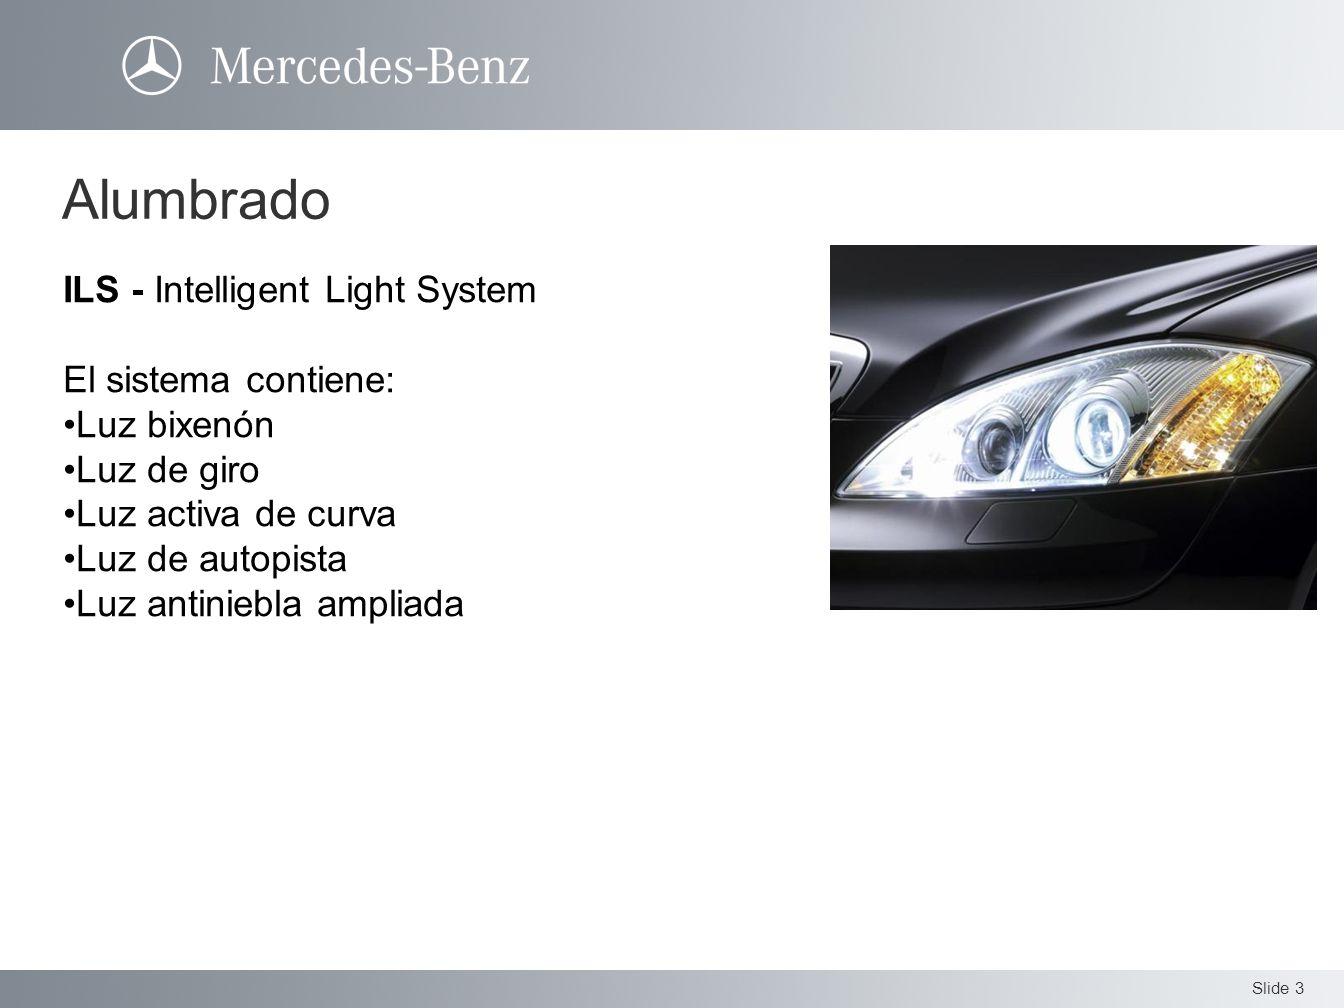 Slide 4 Alumbrado Luz de giro Con los faros encendidos, la luz de giro se conecta automáticamente siempre que el conductor acciona el intermitente o gira el volante.